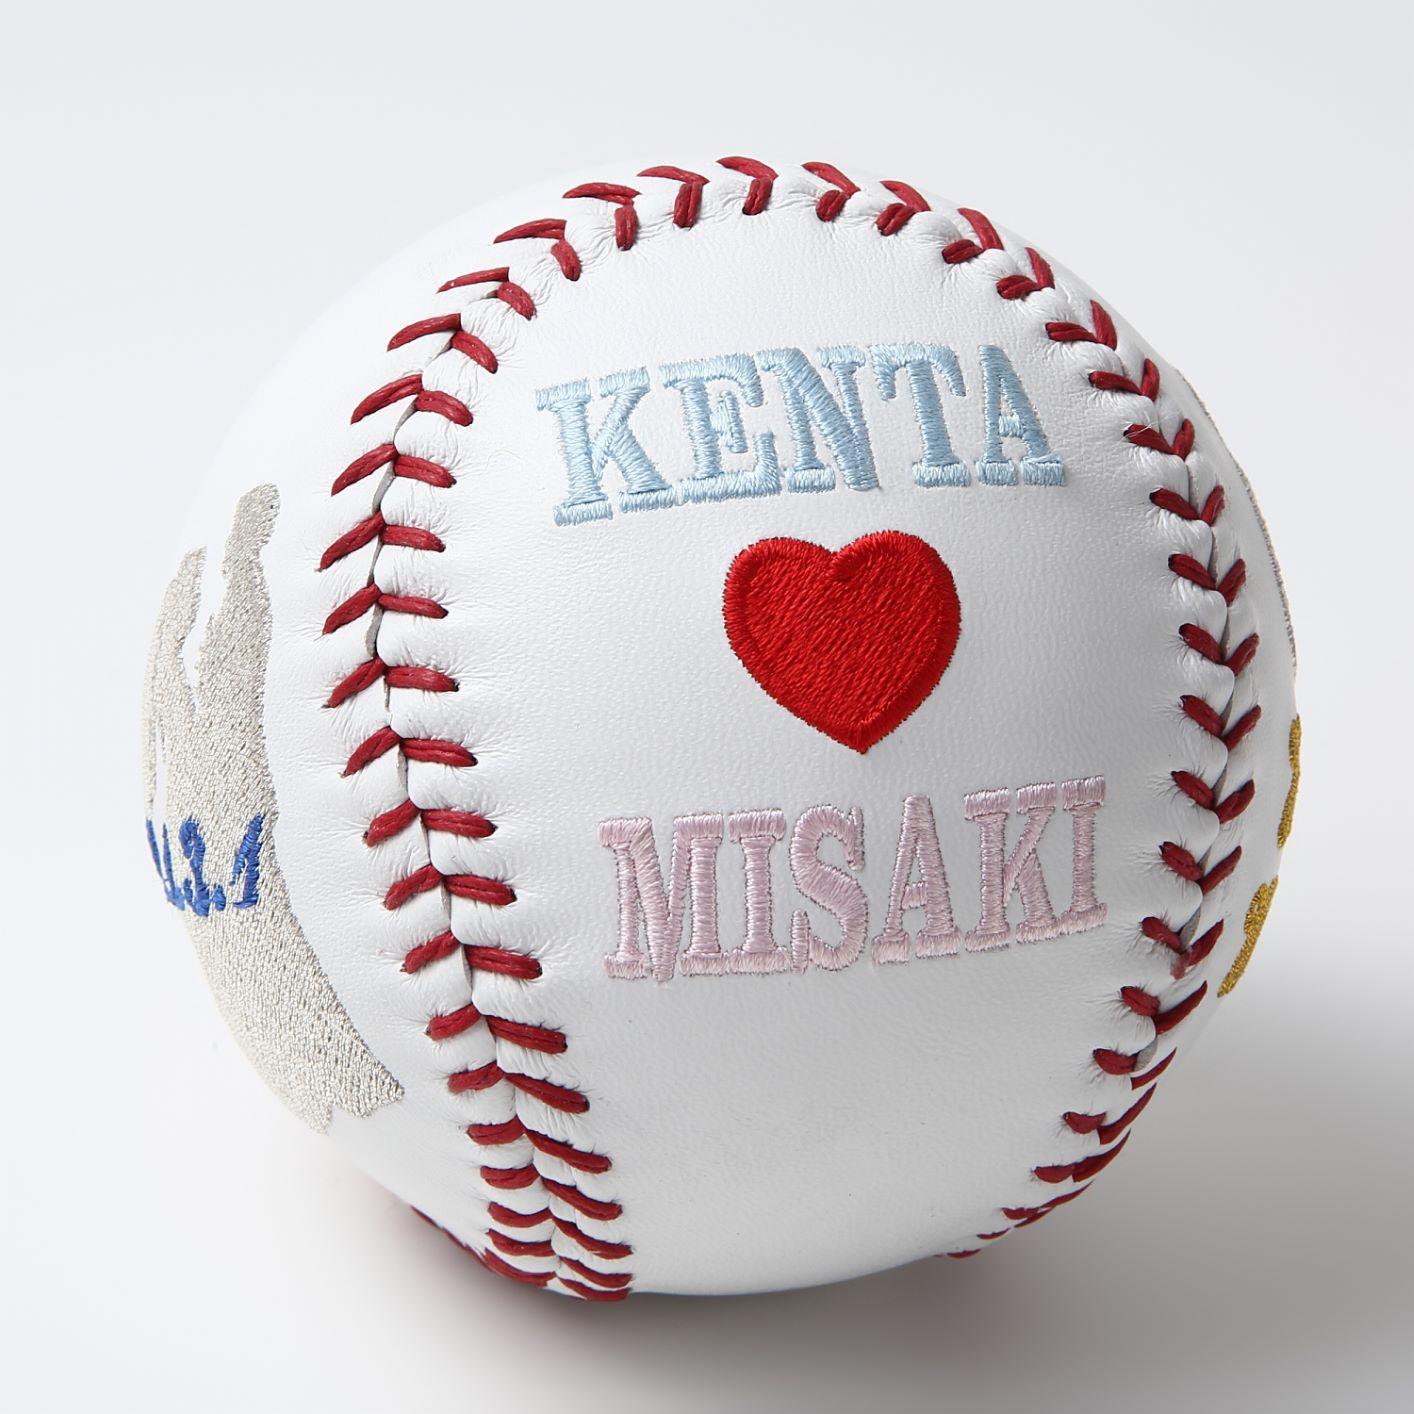 ご結婚祝いボール ソフトボールサイズ 刺繍ボール 記念ボール 結婚祝い ウェルカムボード 寄せ書き用 オーダーメイド